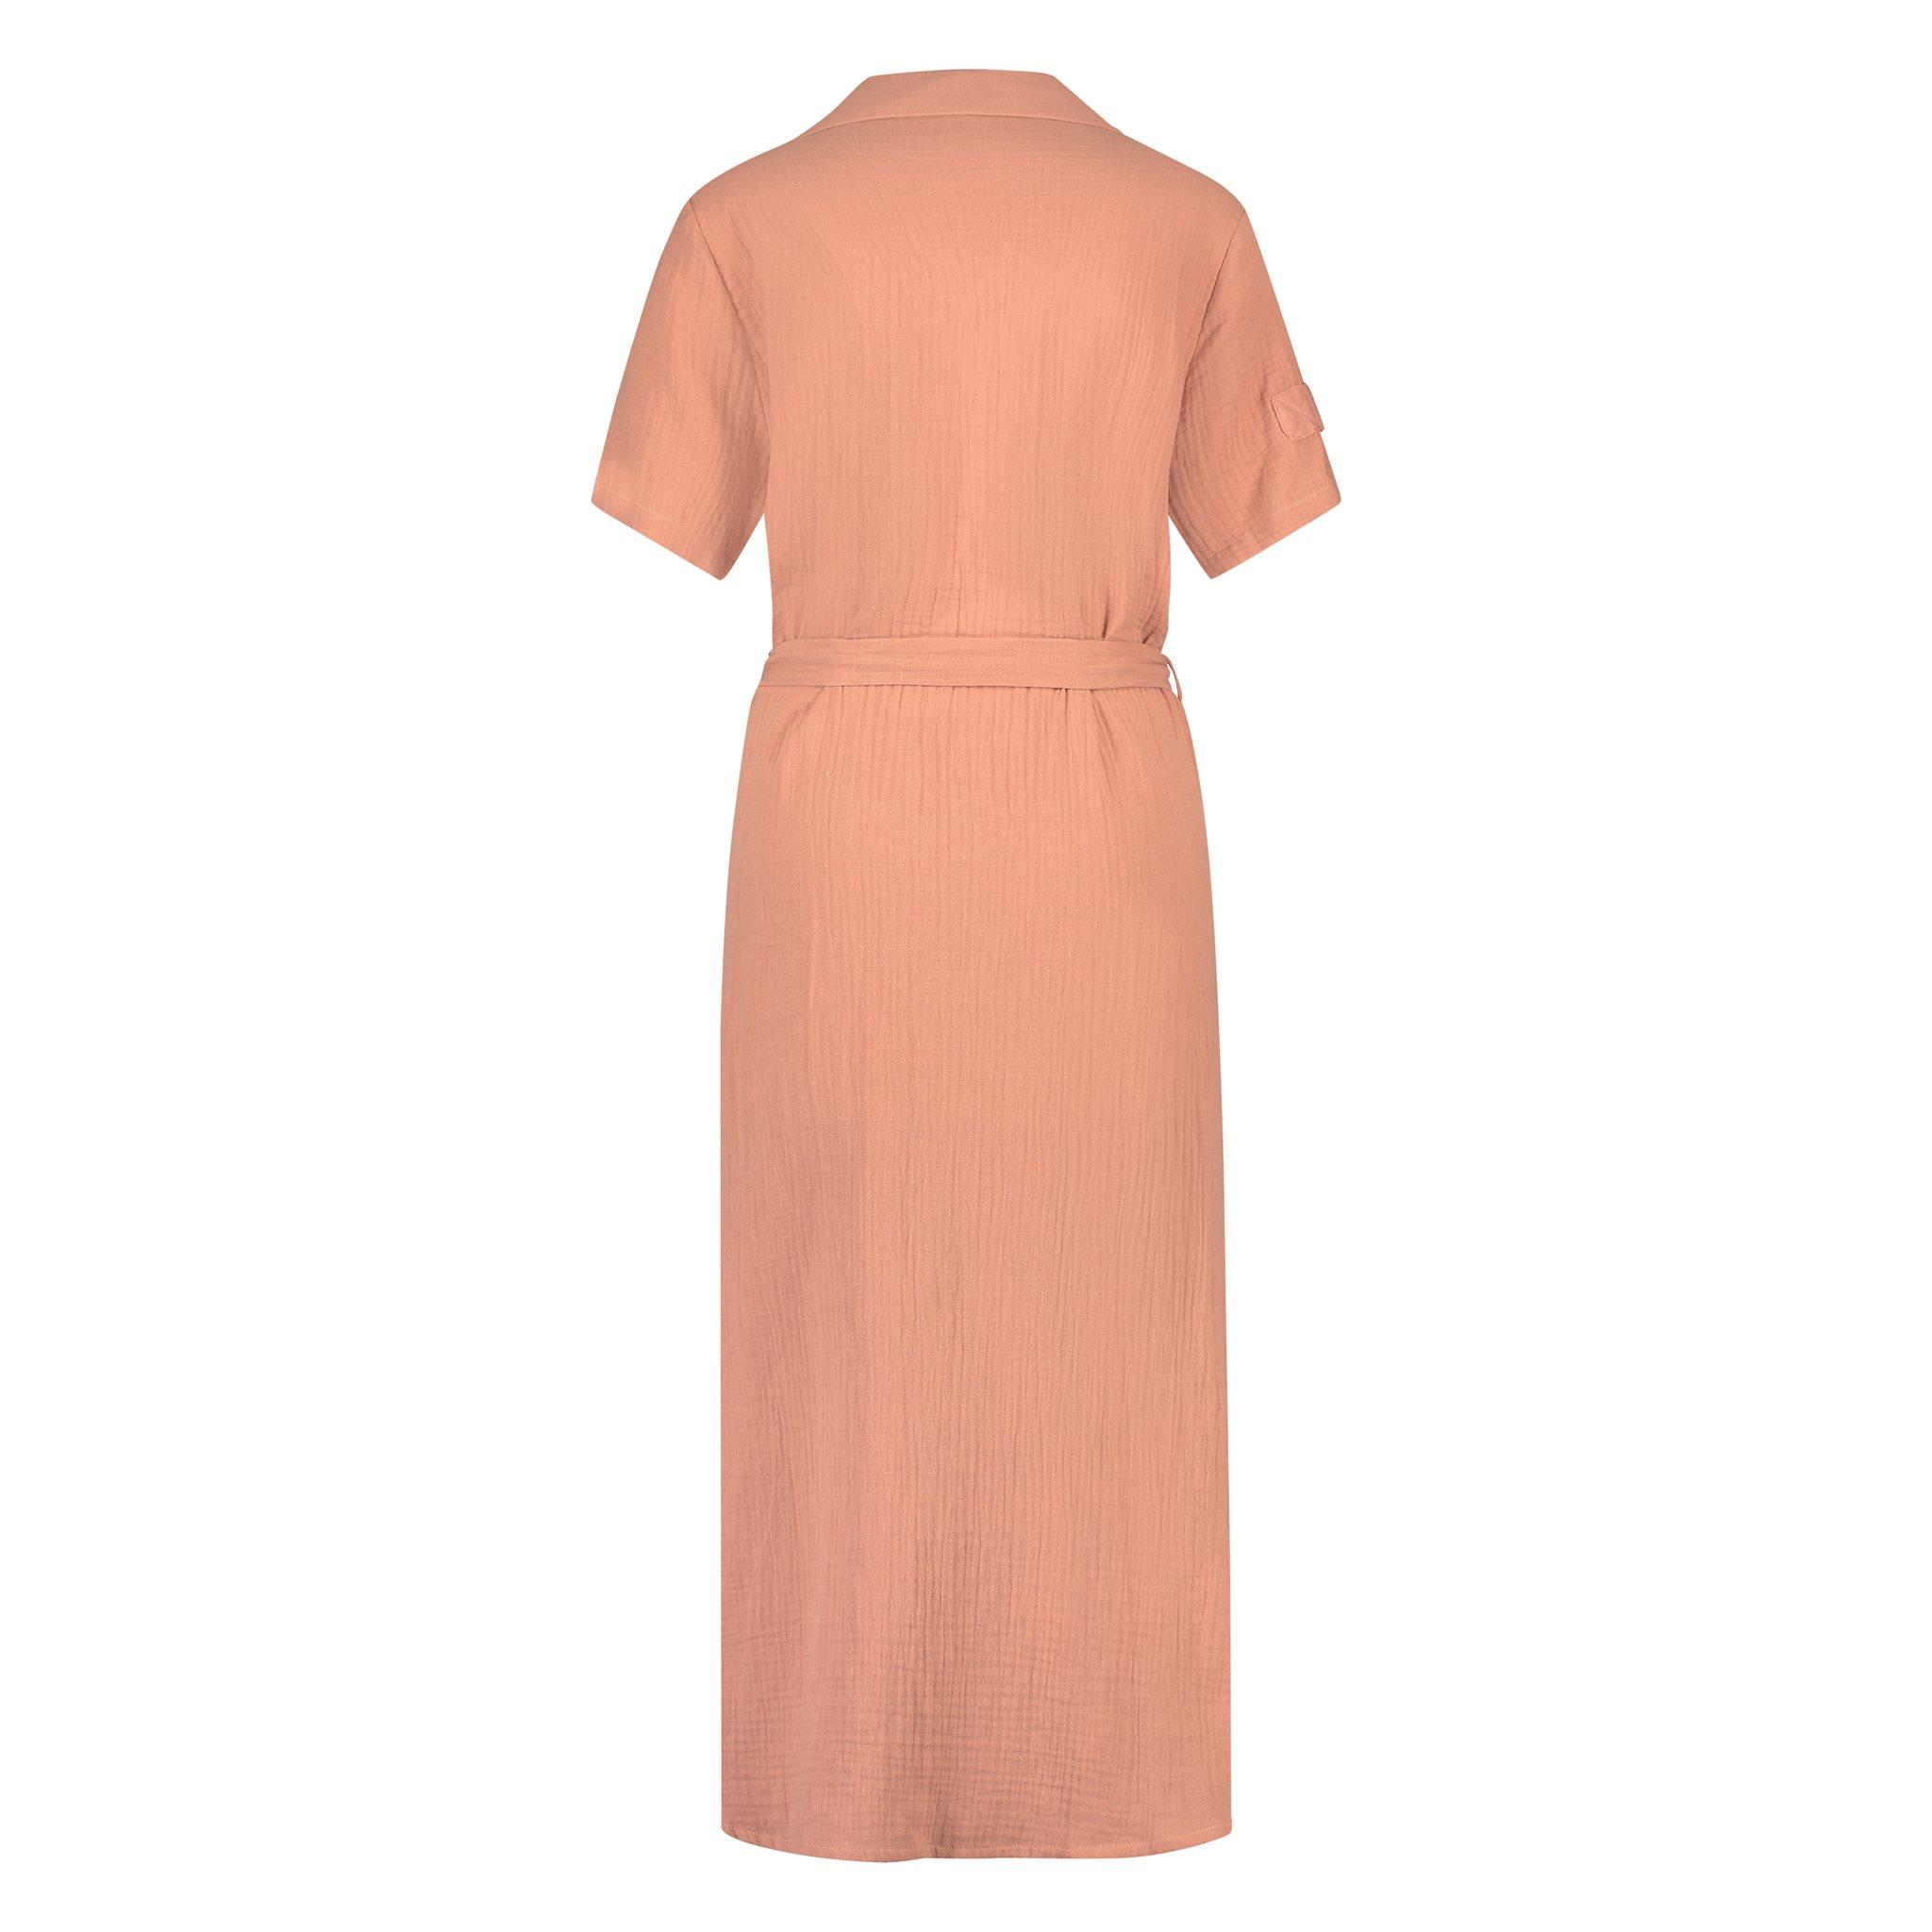 Knokke Dress